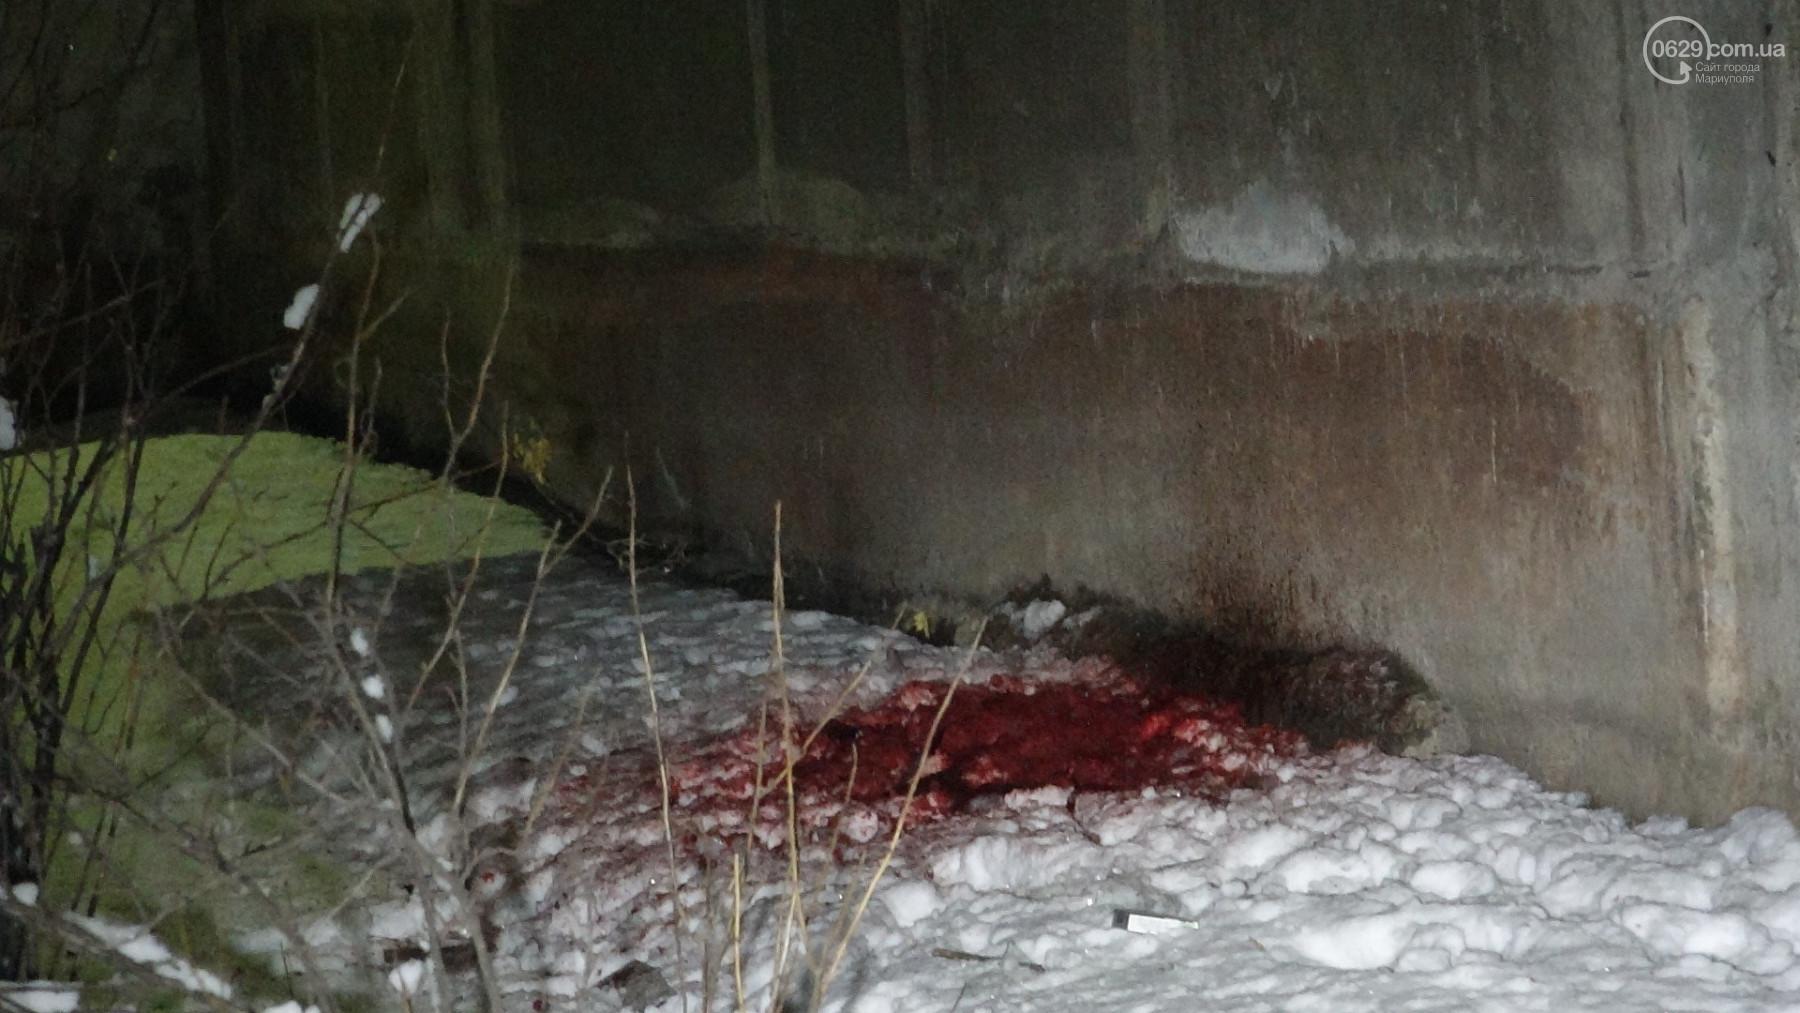 В жилом доме Мариуполя прогремел взрыв, есть погибшие - фото